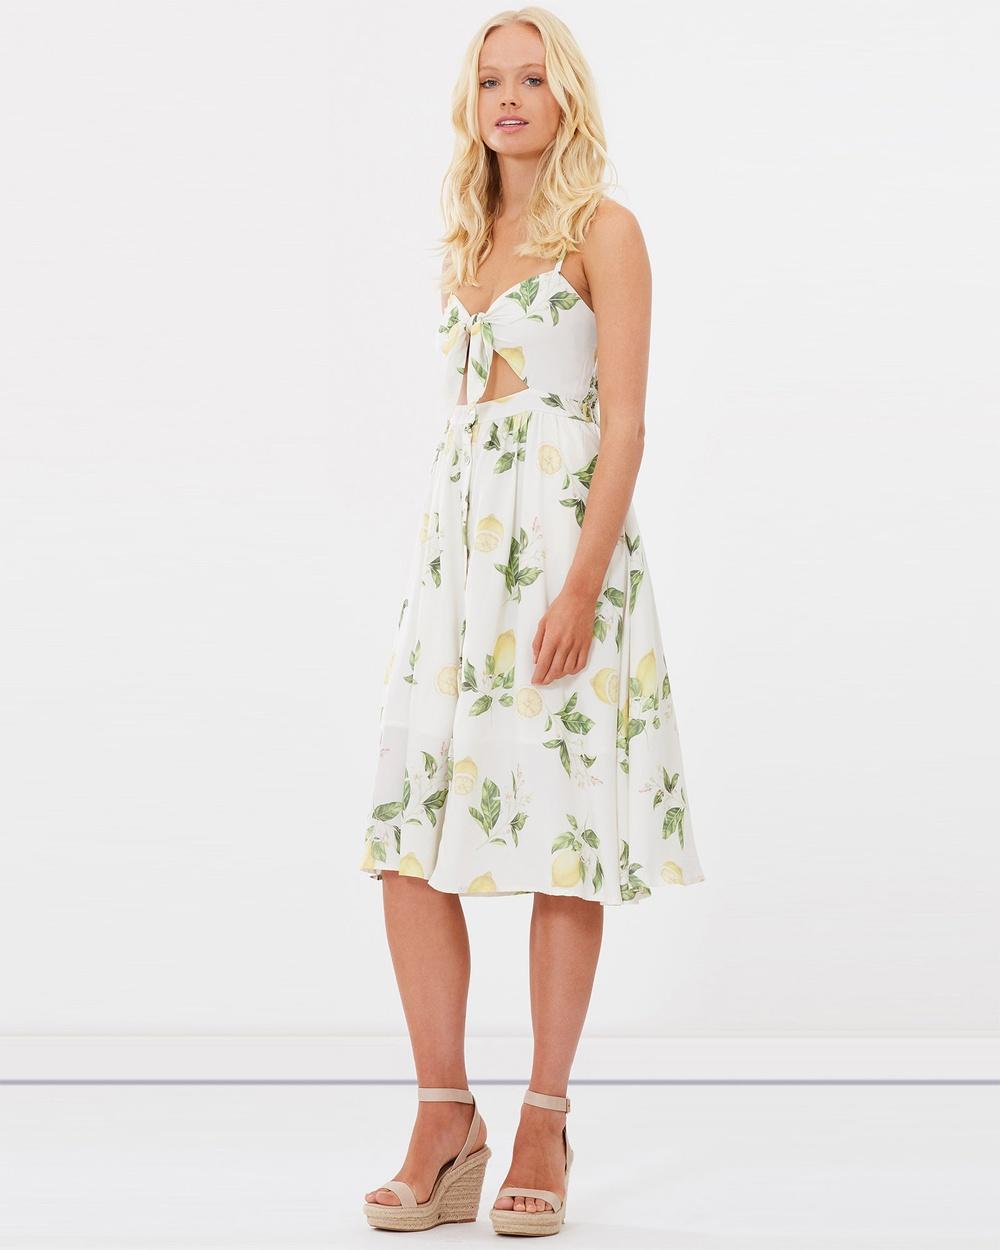 Charlie Holiday Lemon Floral Capri Midi Dress